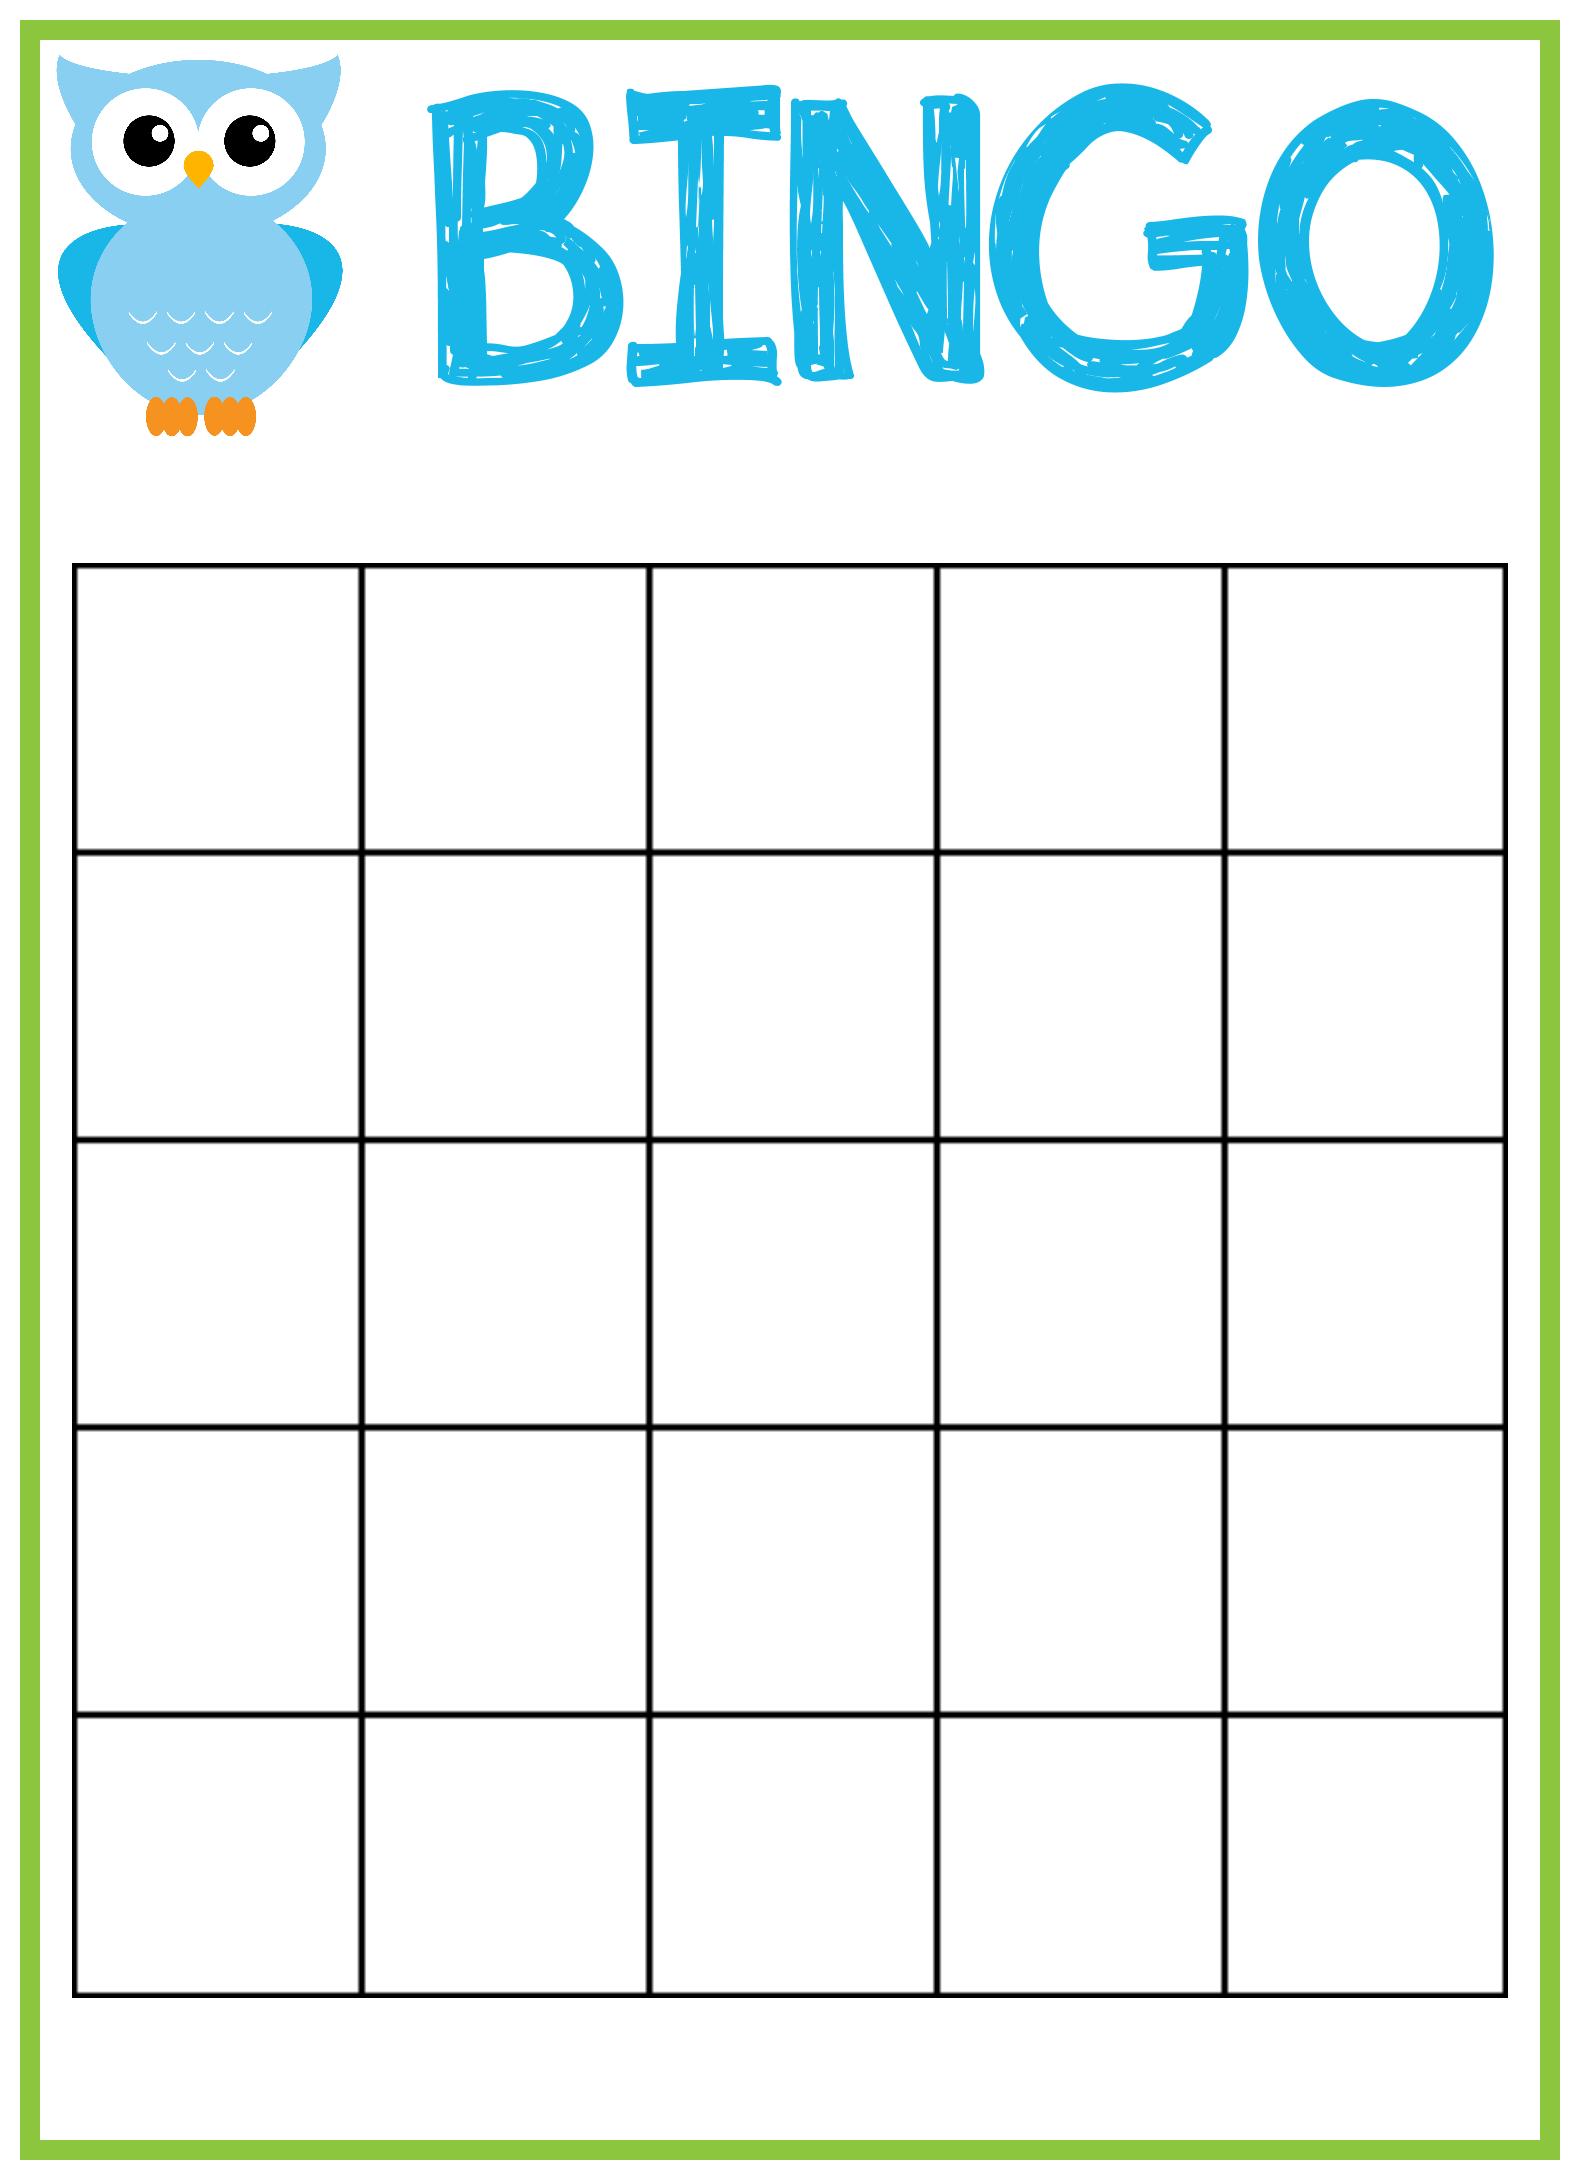 Homemade bingo cards